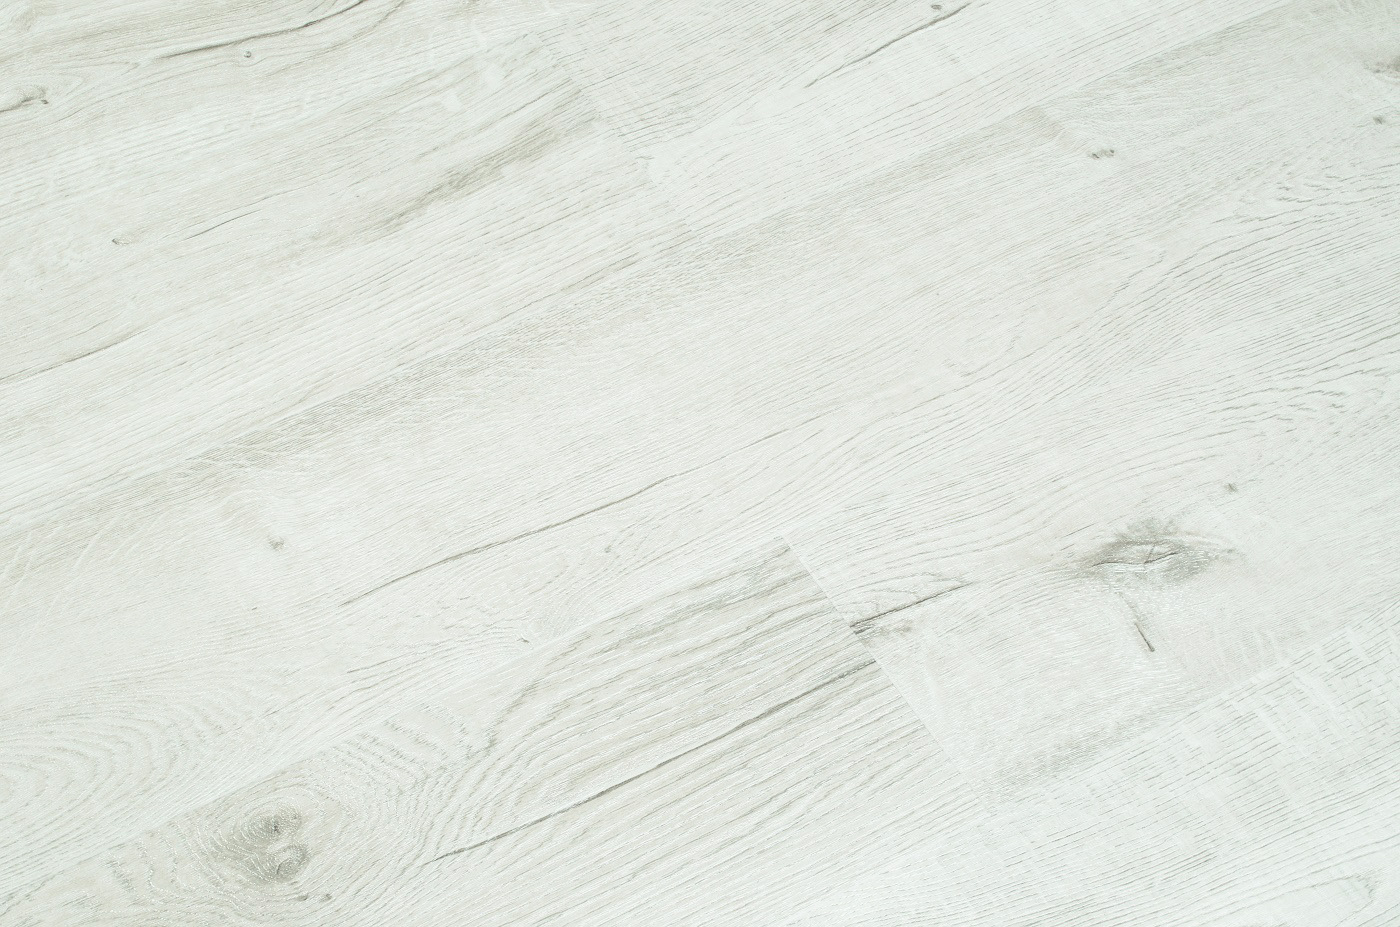 Кварцвиниловая плитка Alpine Floor Real Wood (замковое соединение) Eco2-4 Дуб Verdan